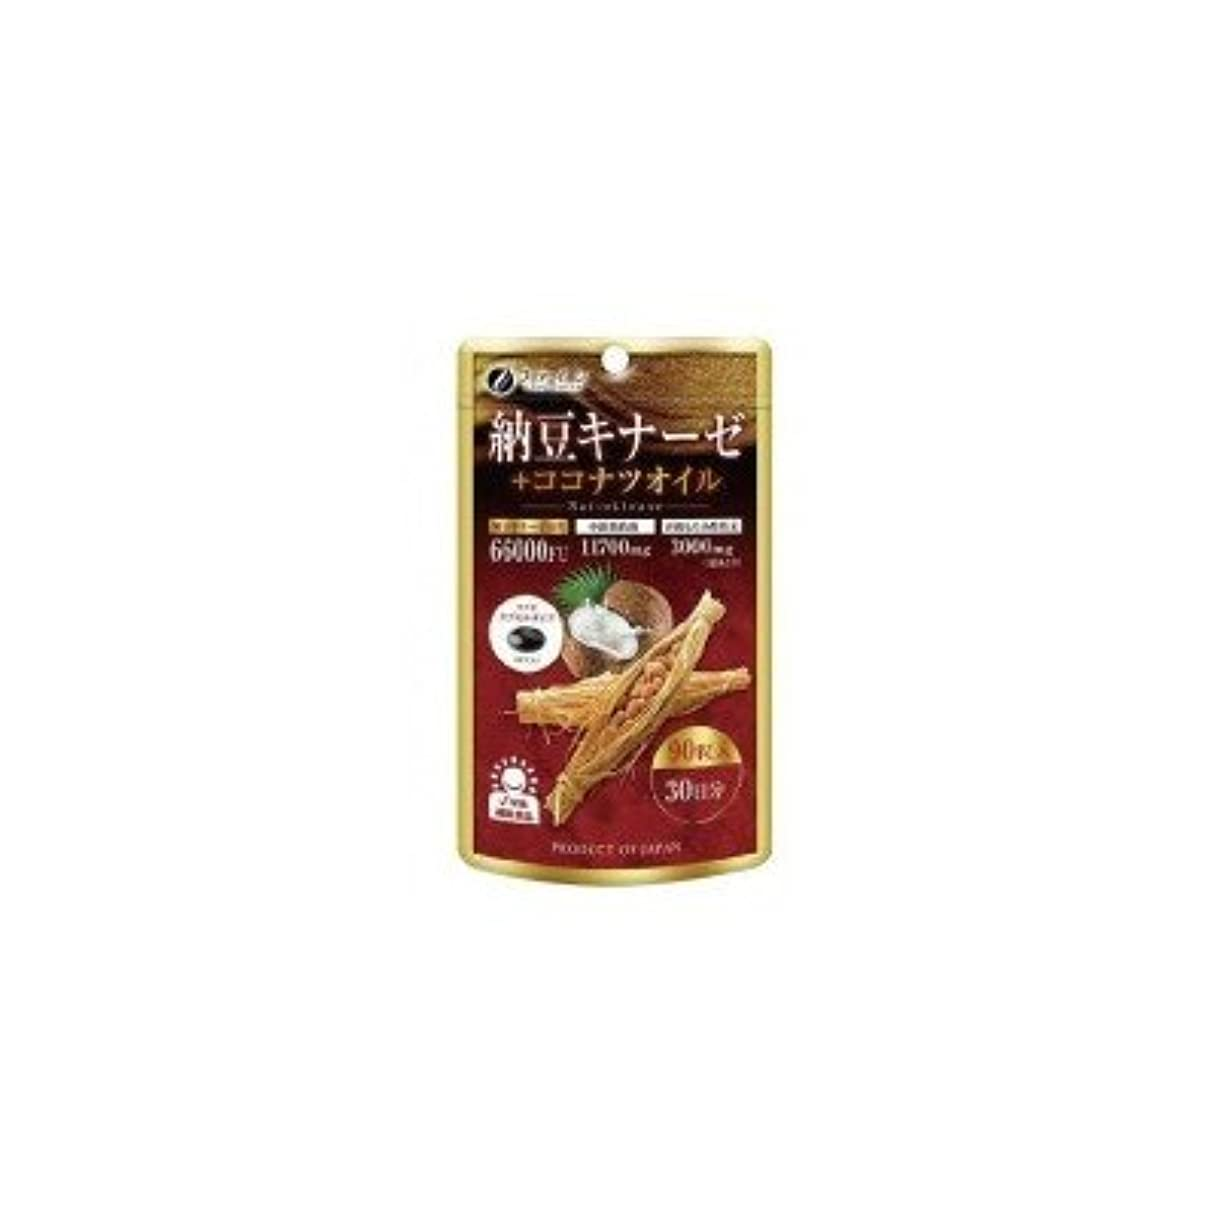 出撃者機知に富んだ小売ファイン 納豆キナーゼ+ココナツオイル 40.5g(450mg×90粒)